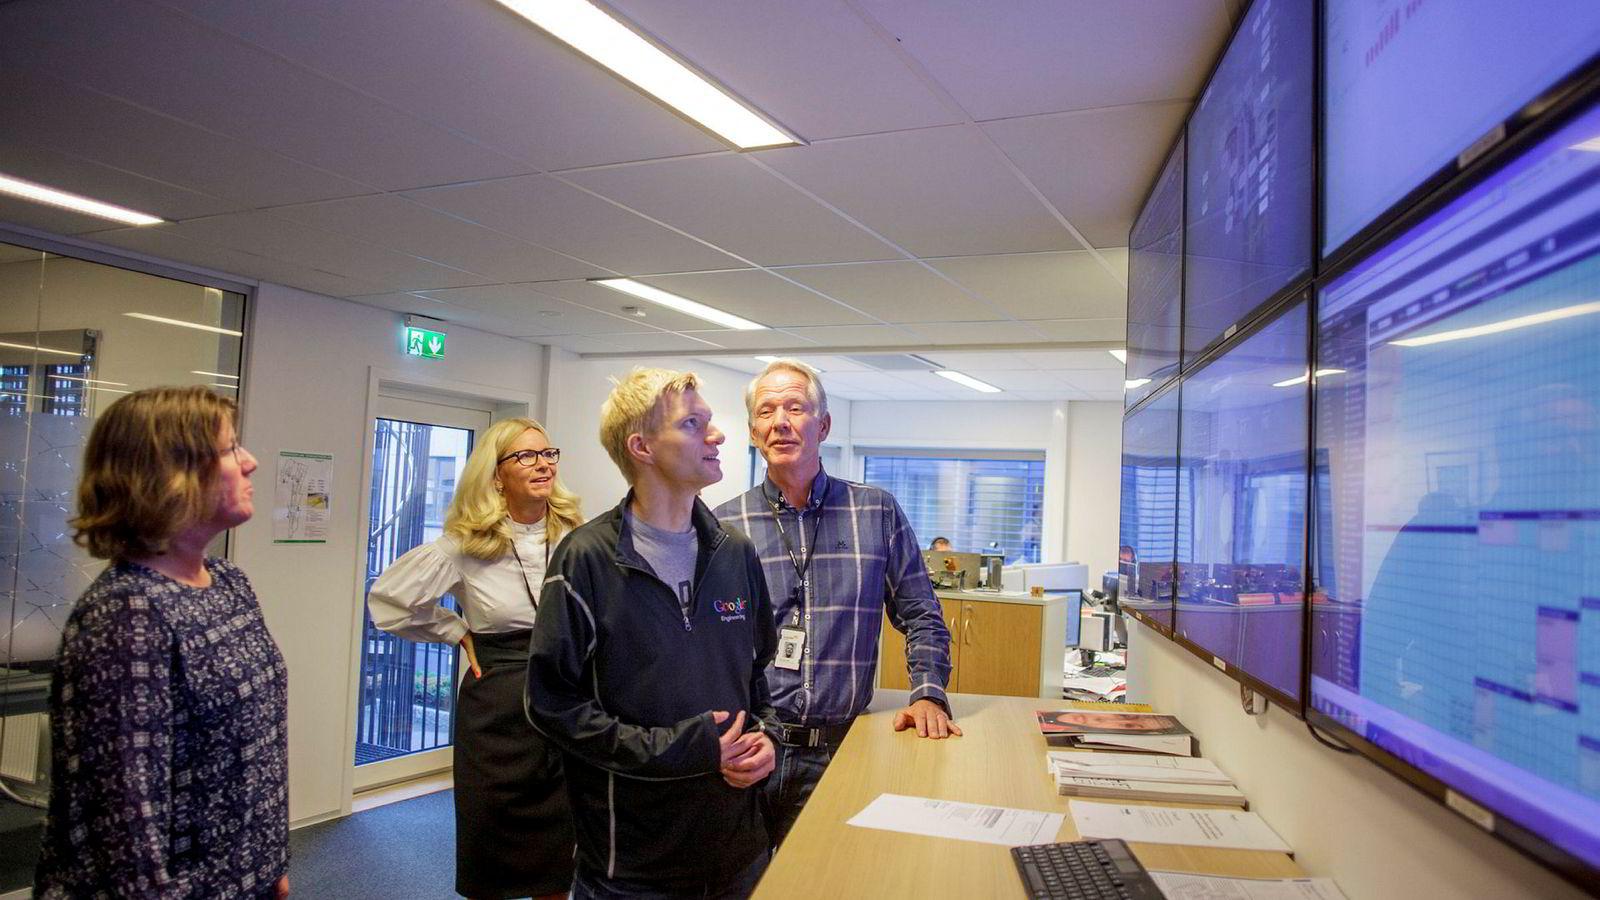 Driftssjef Kari Ranes fra Cognite, Lundin-sjef Kristin Færøvik, Lundins digitaliseringssjef Per-Johan Fallrø og teknologidirektør Geir Engdahl fra Cognite står i operasjonsrommet for Edvard Grieg-feltet og ser driftsdata strømme over skjermene.